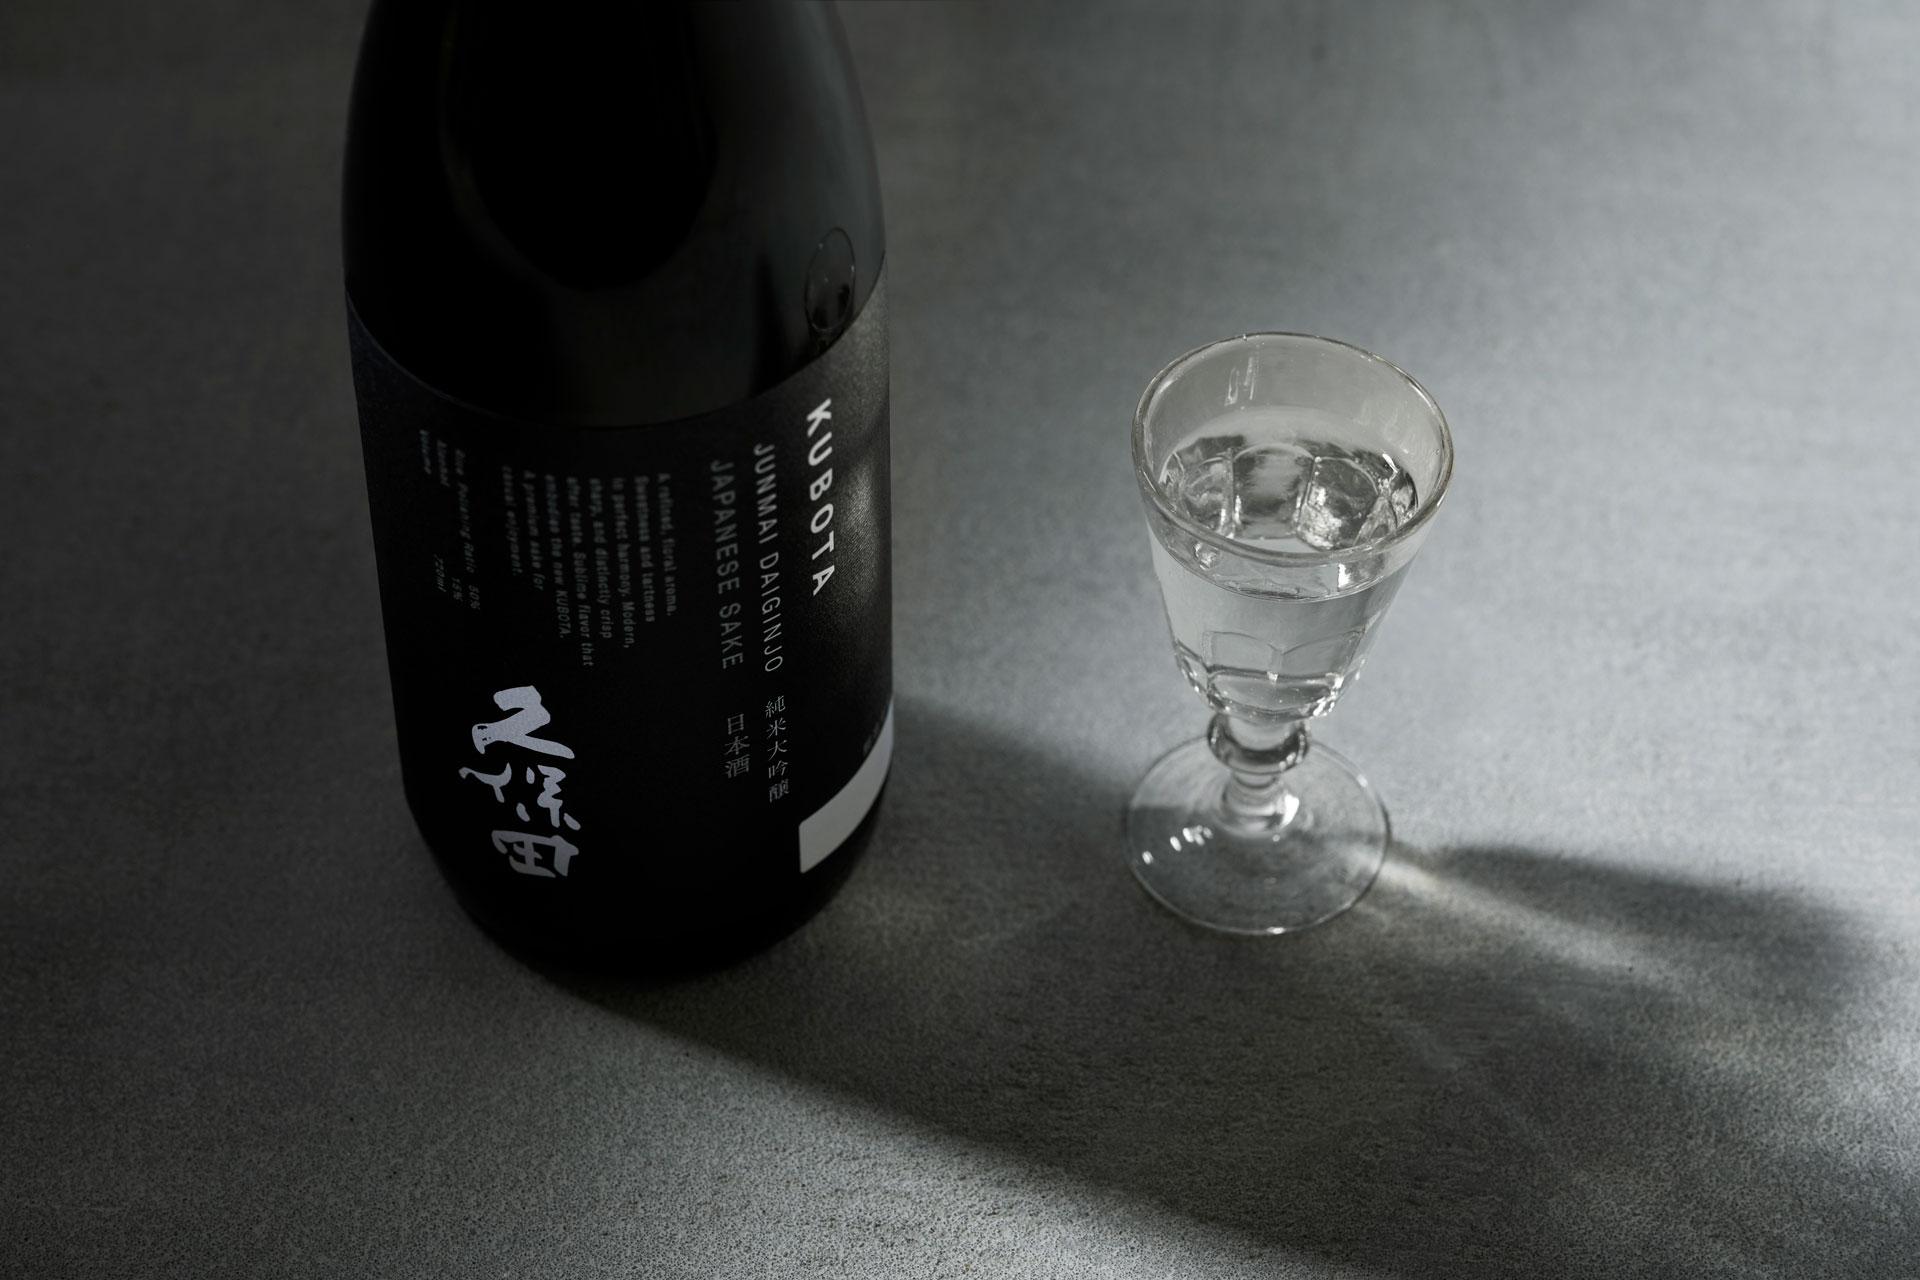 純米大吟醸酒の特徴や美味しい飲み方をご紹介